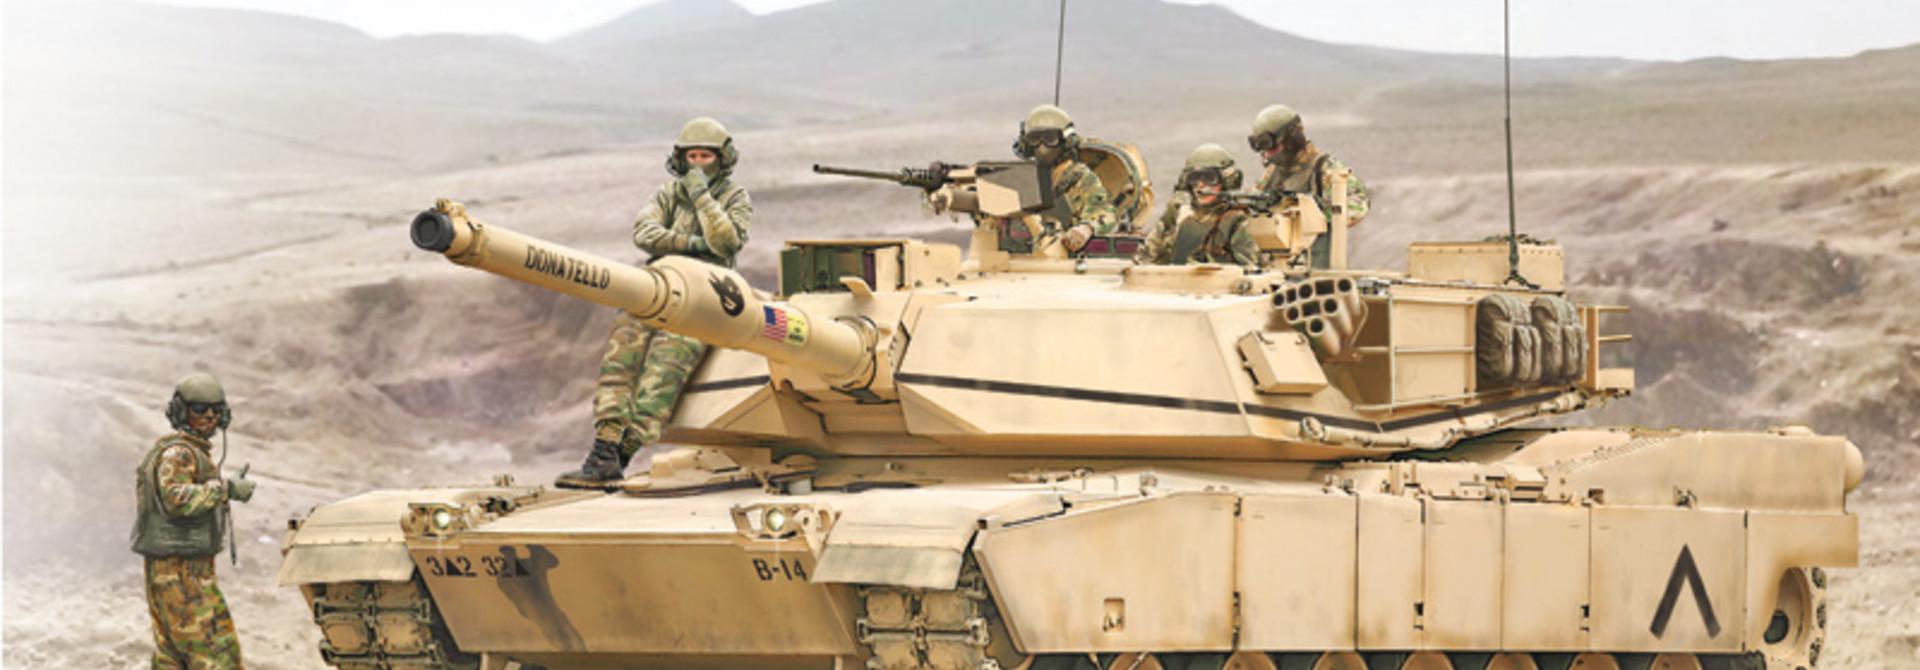 1:35 M1A1 tank Abrams